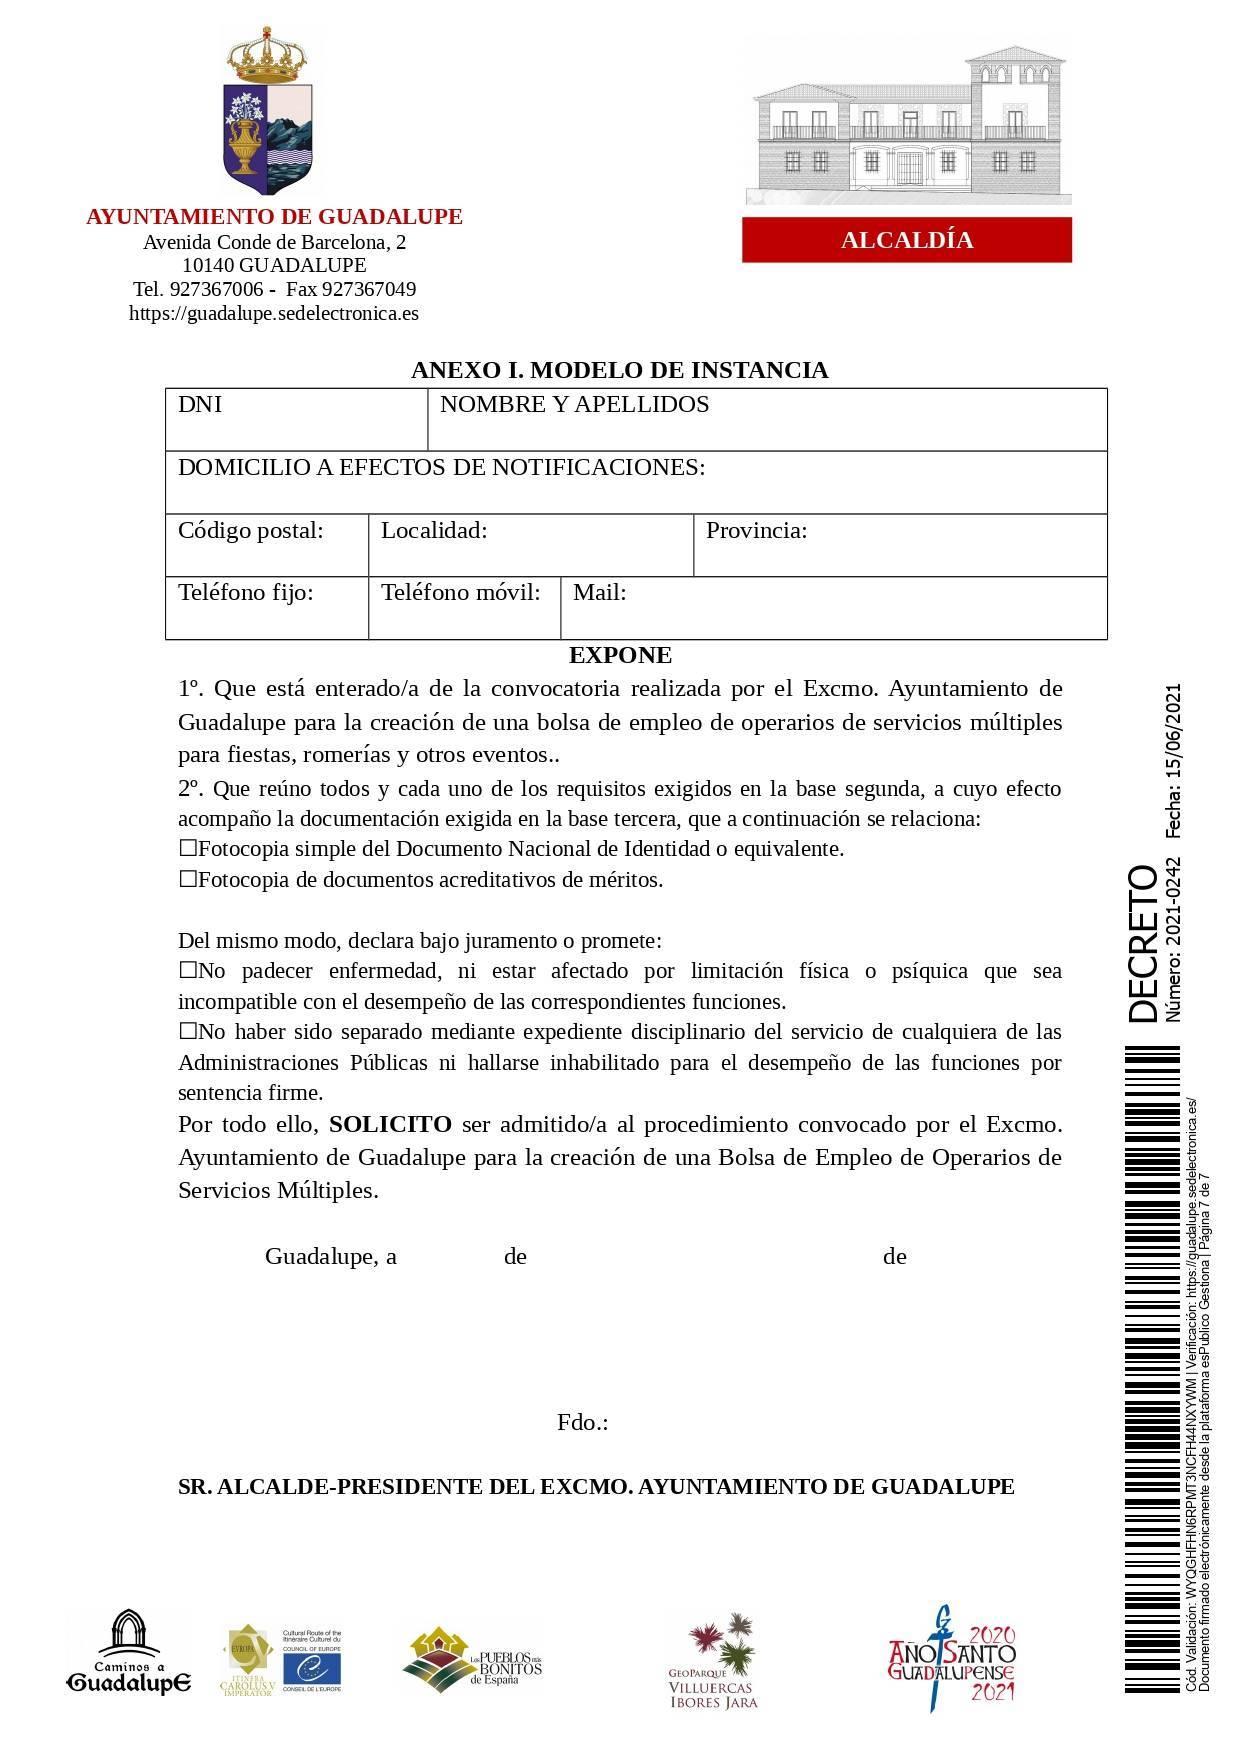 Bolsa de operarios de servicios múltiples para eventos (2021) - Guadalupe (Cáceres) 7